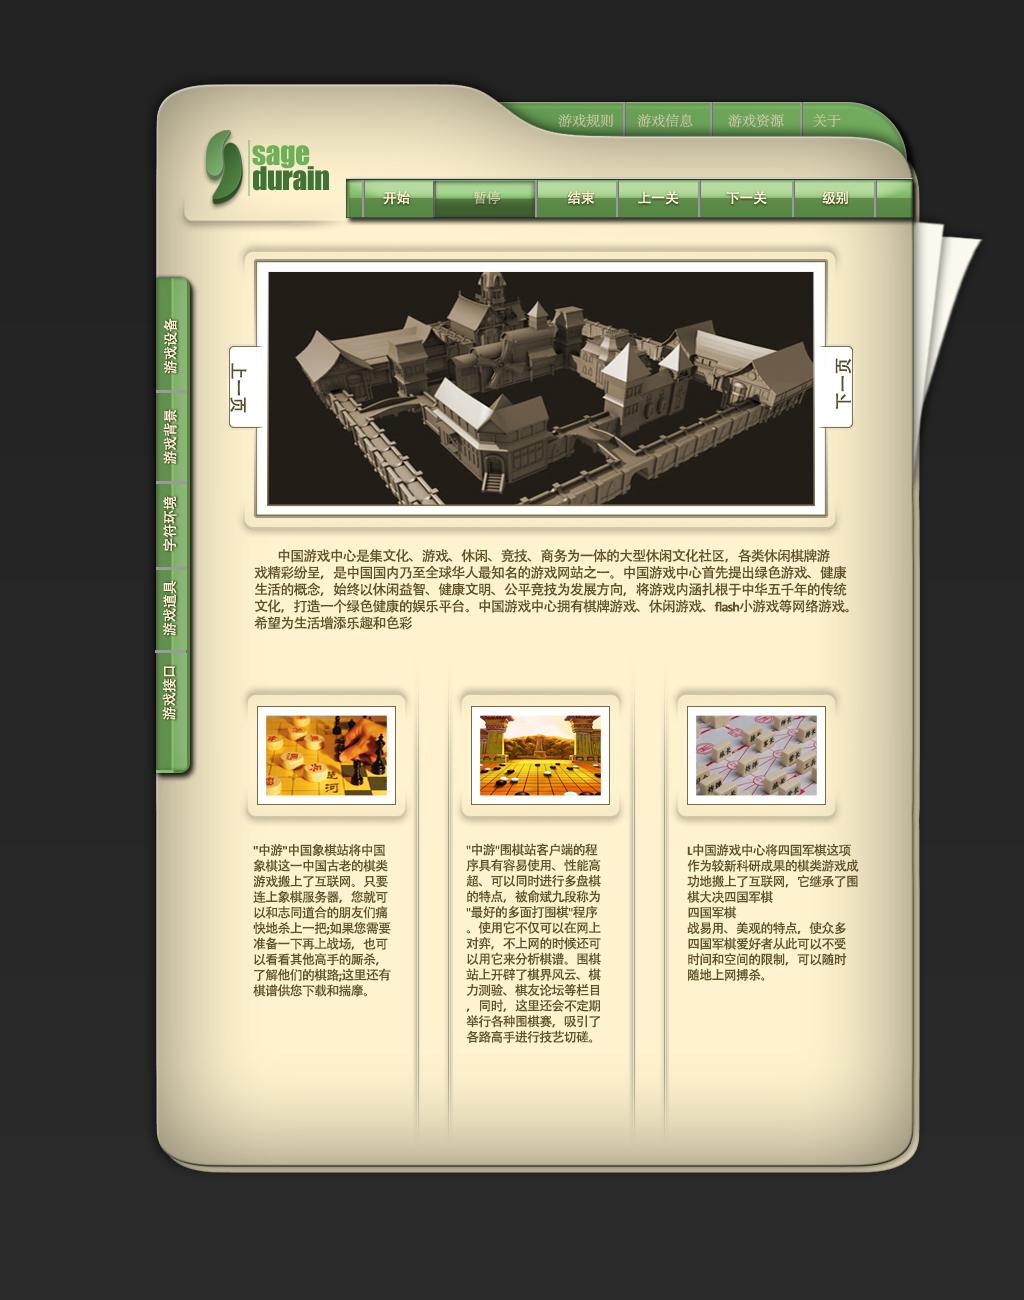 绘制网页的背景和导航栏.jpg